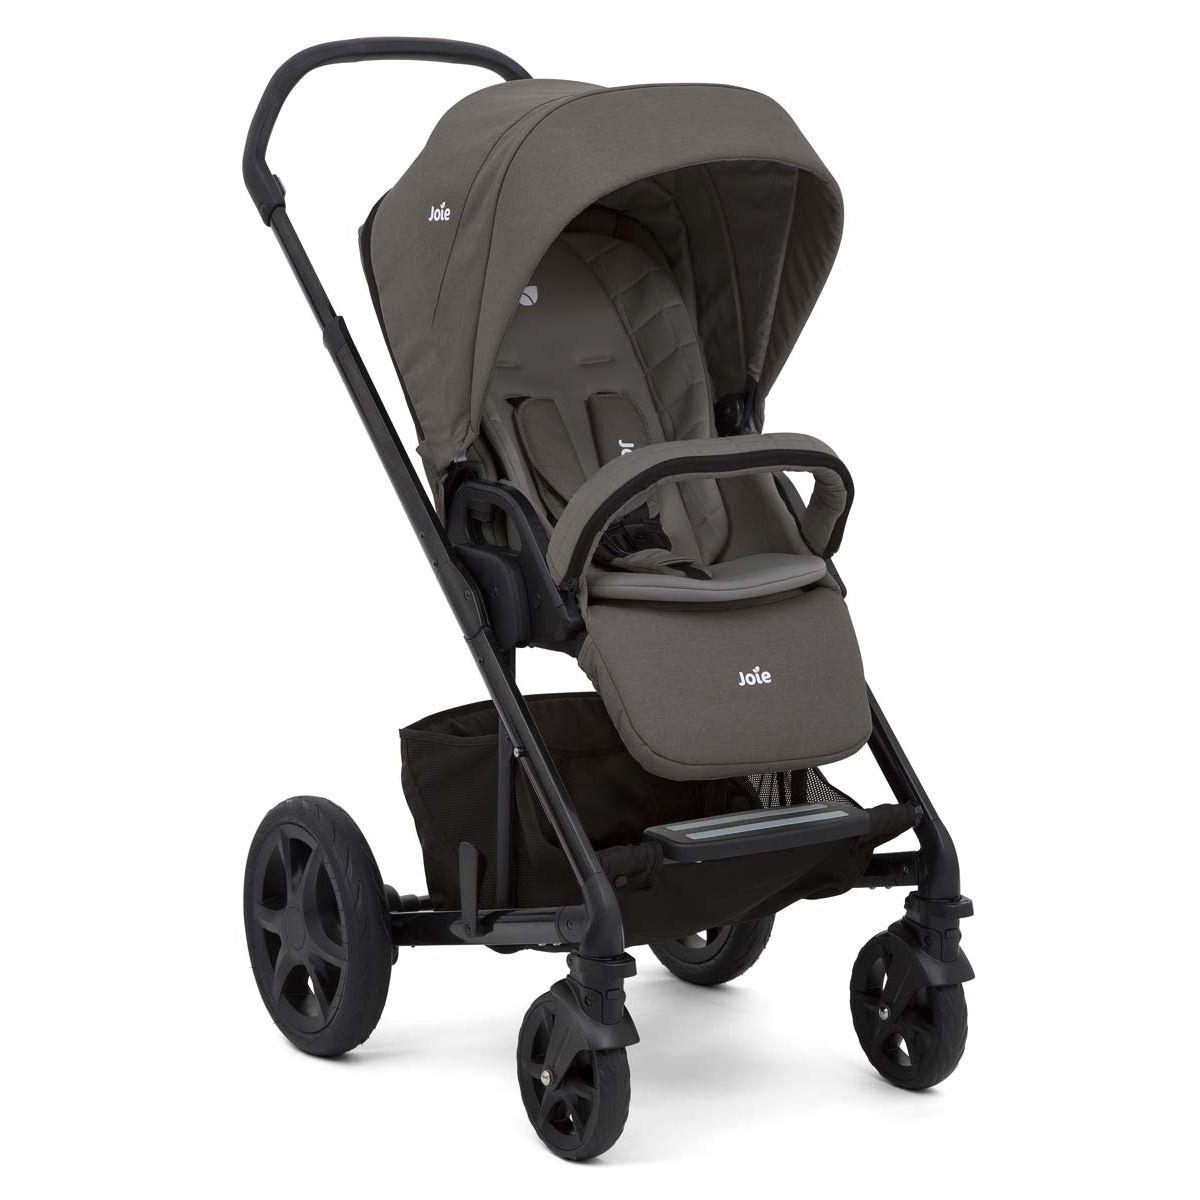 Carro de bebé Joie Chrome DLX Baby Stroller   Dente de Leite